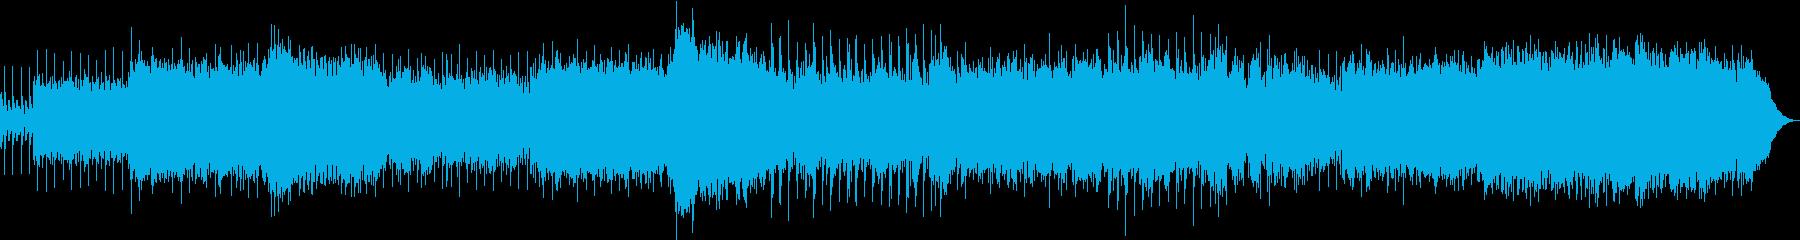 スピード感のあるギターロックの再生済みの波形